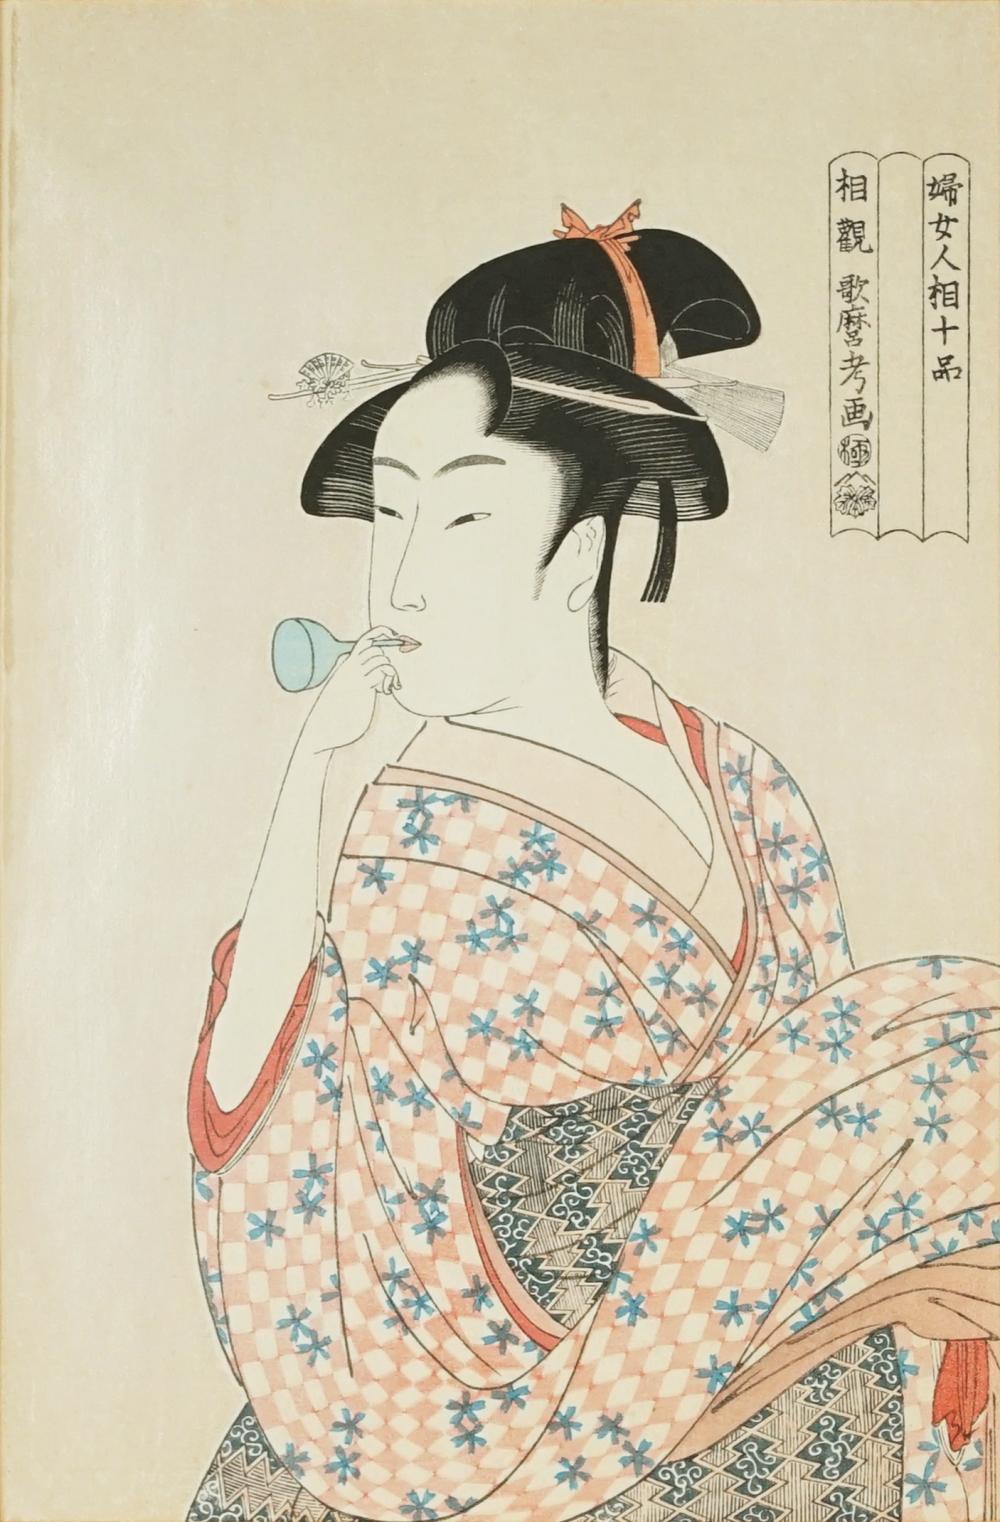 After Kitagawa Utamaro (1853 - 1806) - Woman with Pipe 28.5 x 19cm